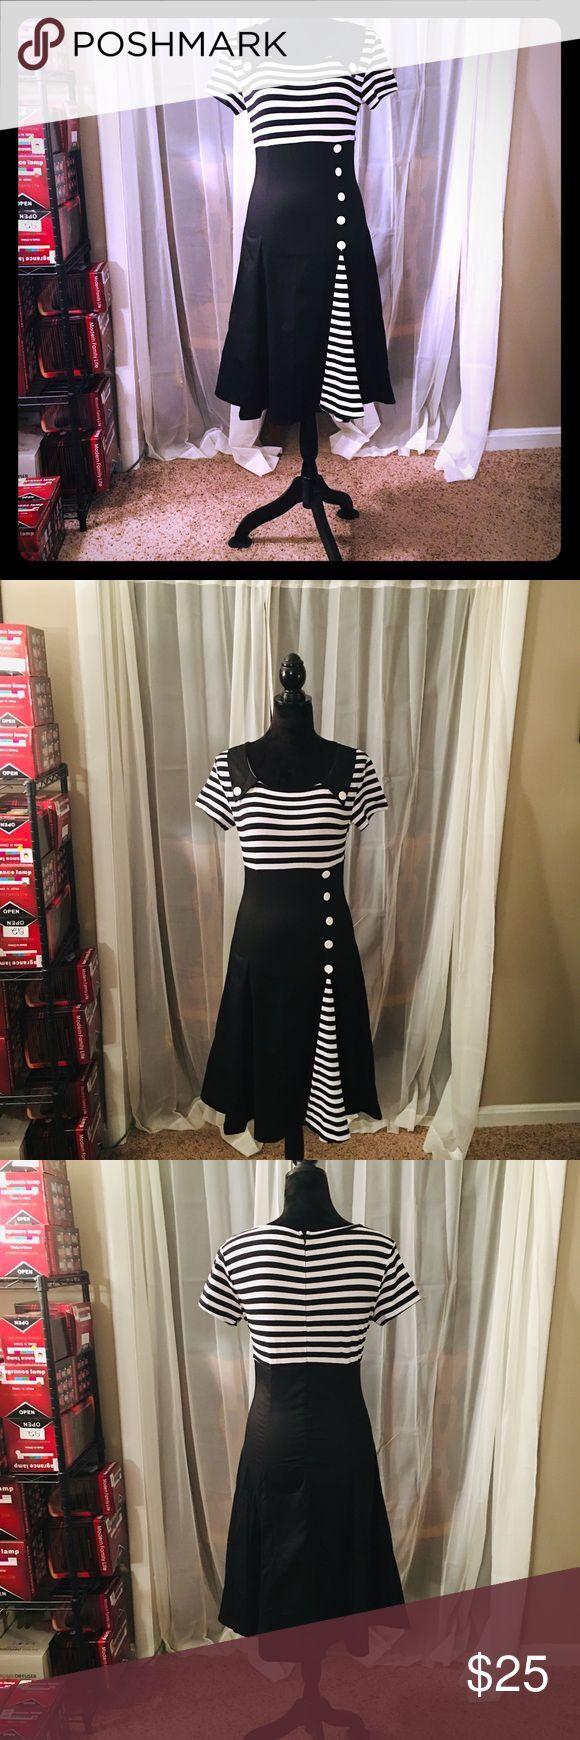 Schwarz Weißes Kleid Im Vintage Stil Schwarz Weiße Streifen Einteiler 95 Baumwolle Vintage Style Dresses Fashion Dresses Vintage Fashion